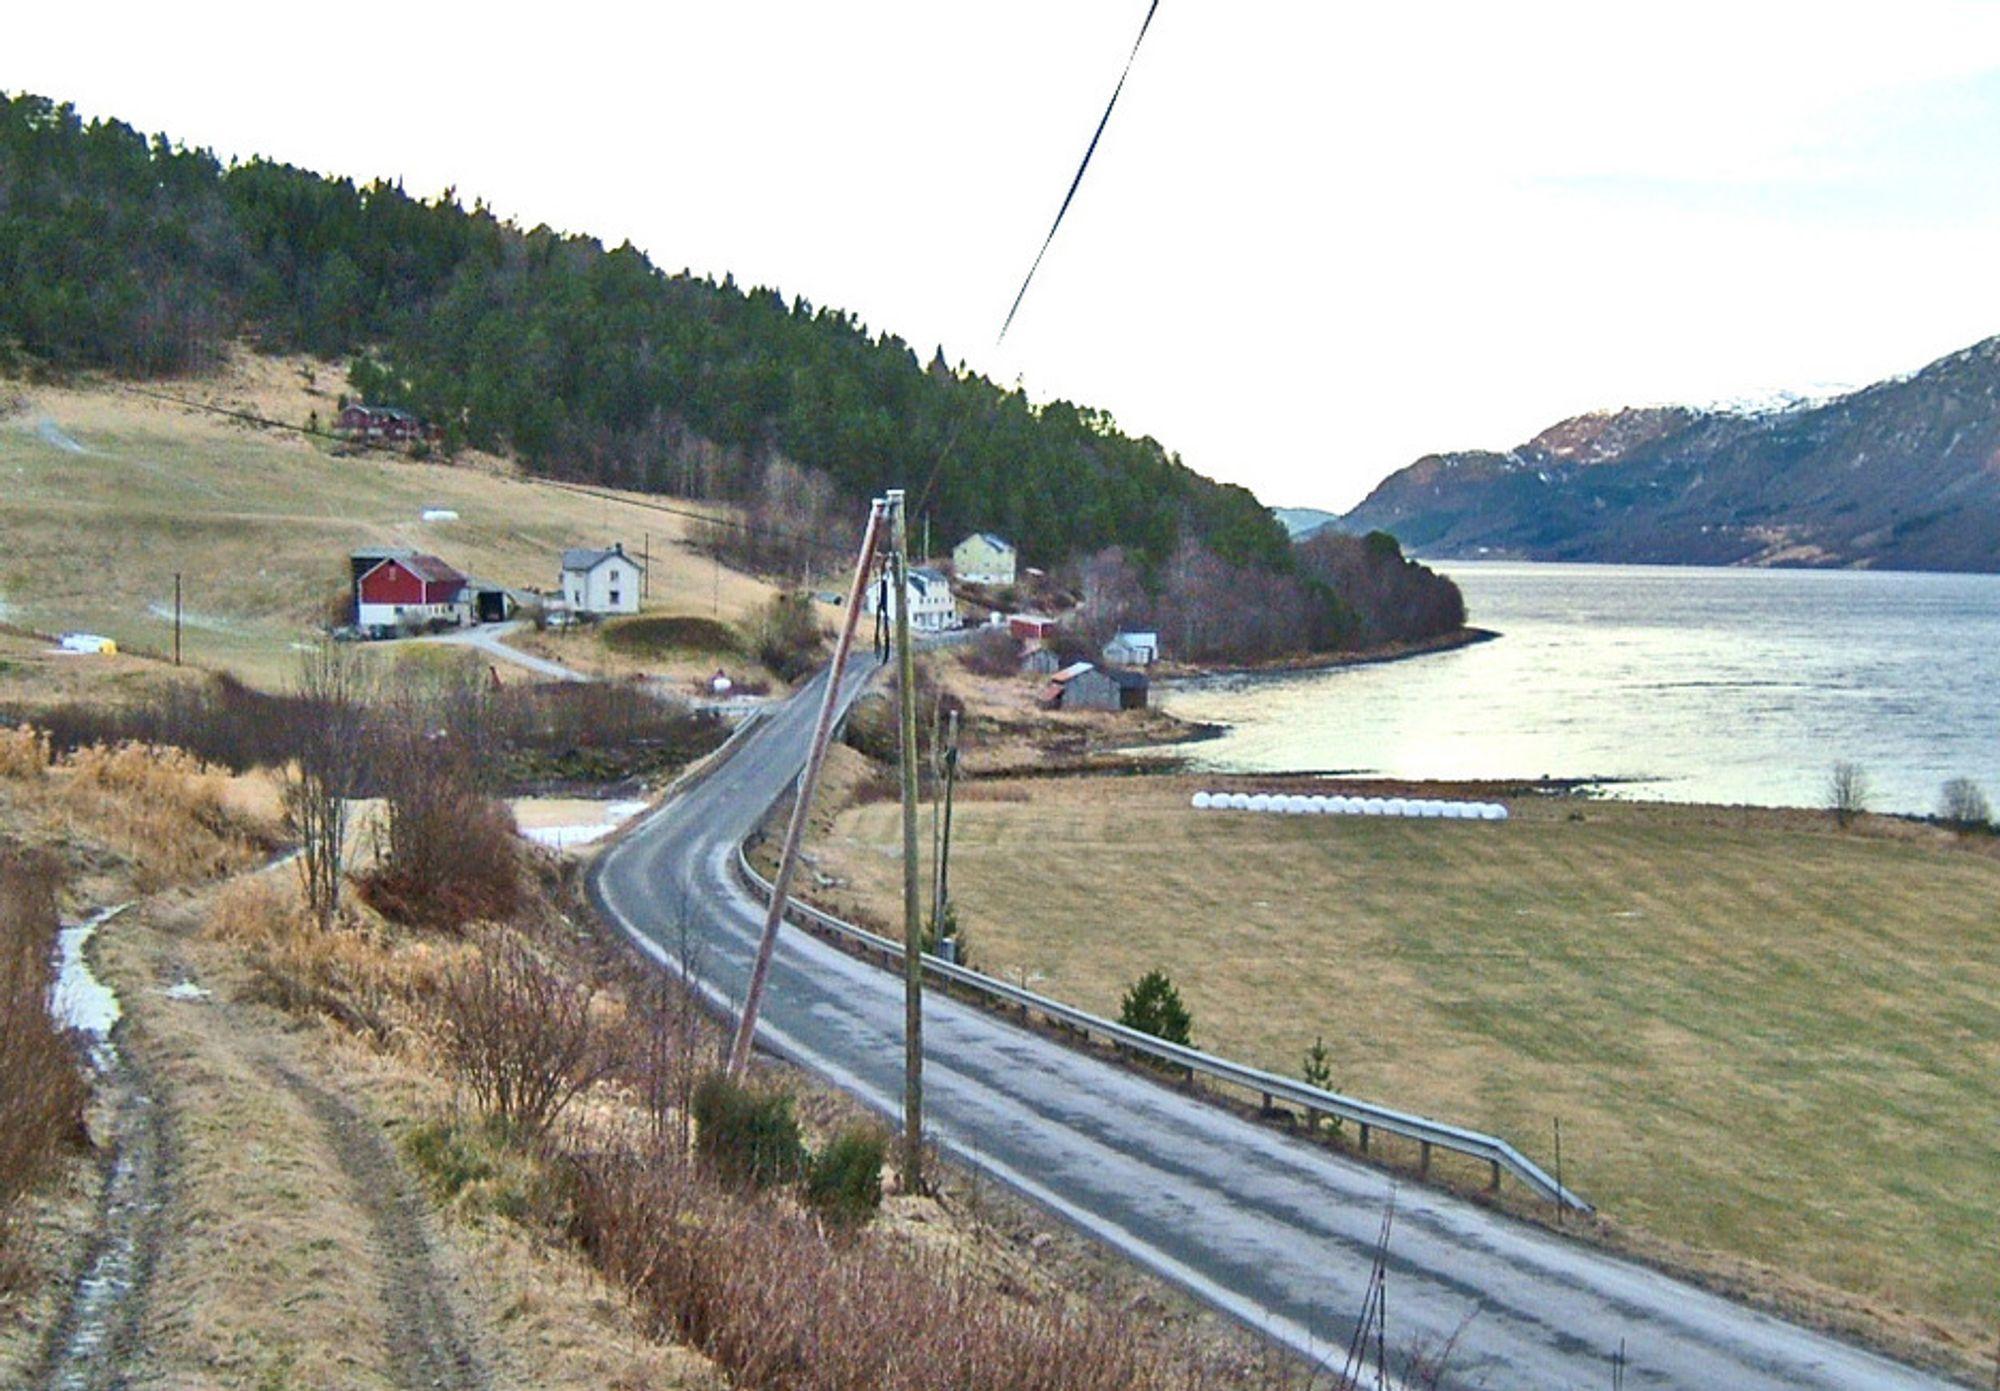 Dette partiet ved Rodal ved Vinjefjorden inngår i den første parsellen som skal utbedres mellom Renndalen og Staurset. Her skal vegen følge dagens trasé, men den nye E 39 vil få vesentlig høyere standard enn i dag.